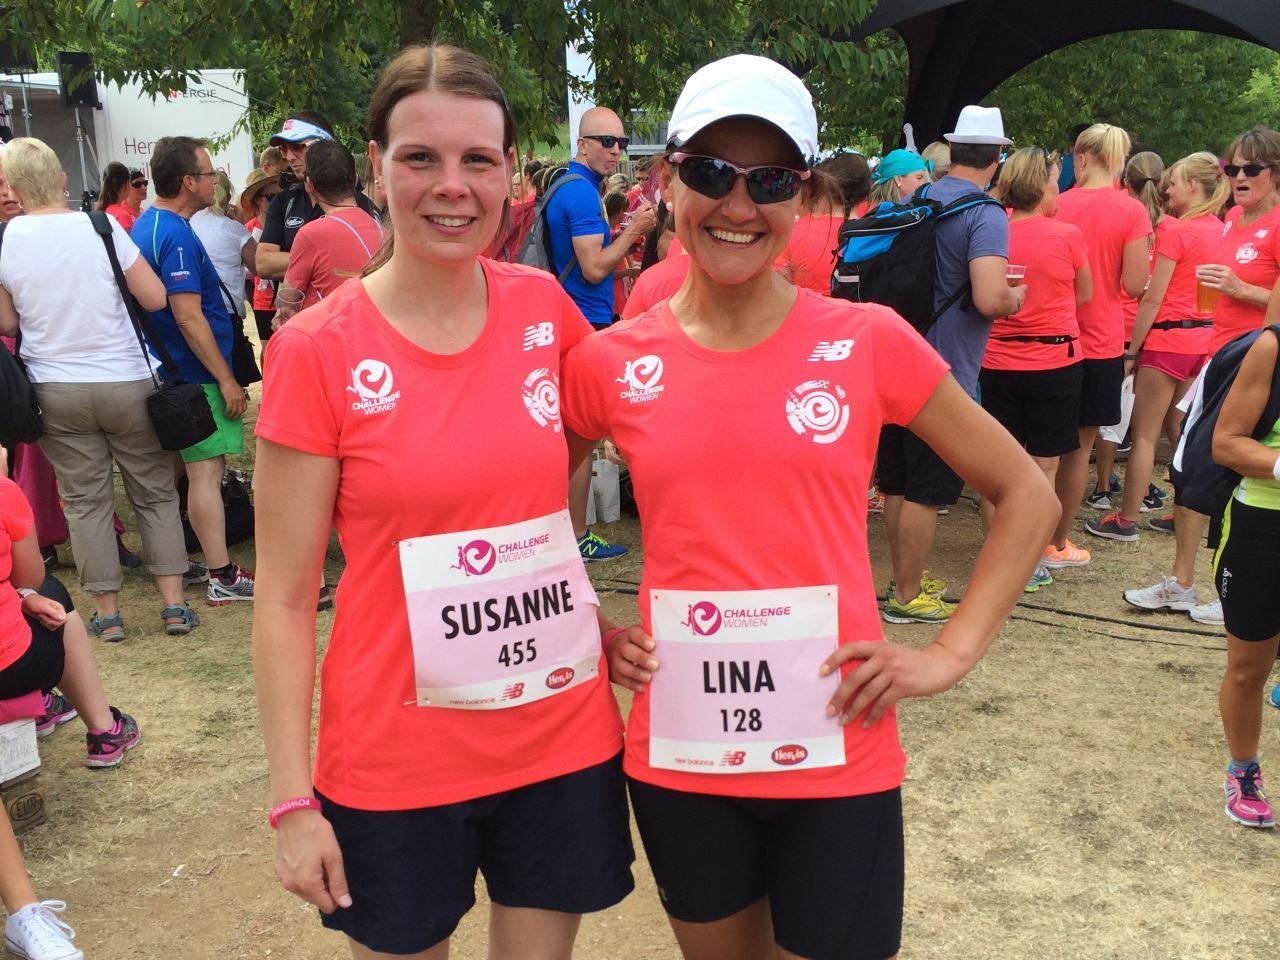 Susanne und Lina beim Challenge Women 2015